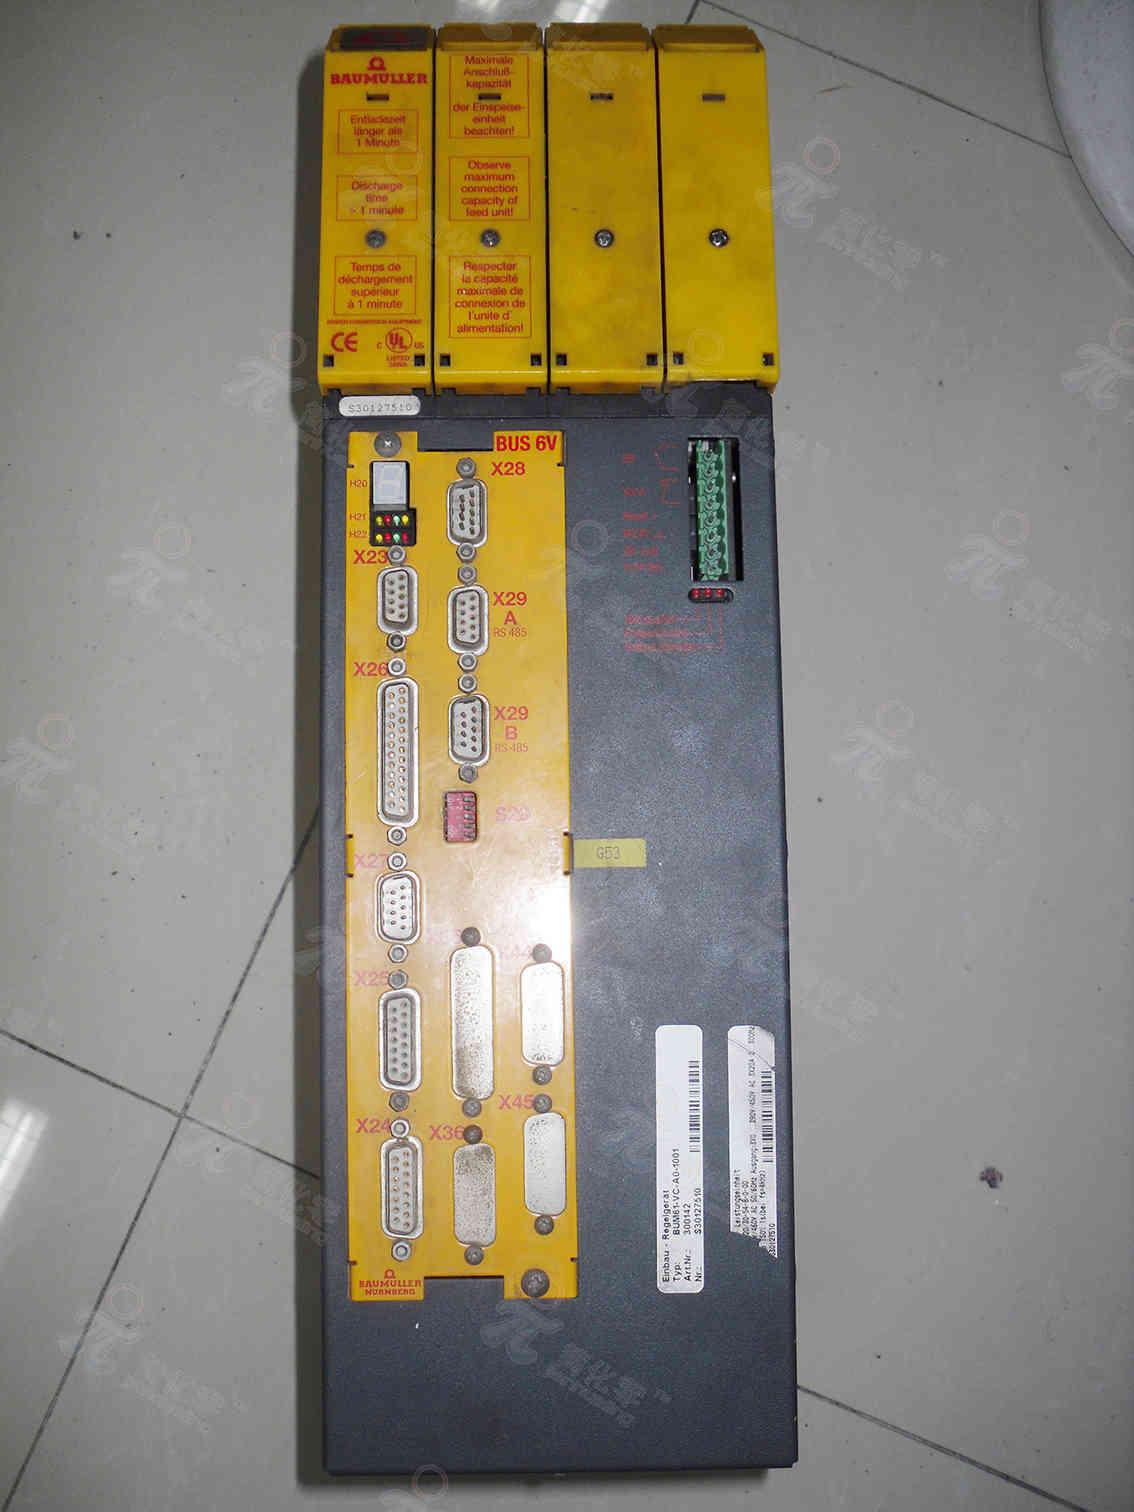 鲍米勒BAUMULLER伺服驱动器维修BUM61-VC-AO-1001